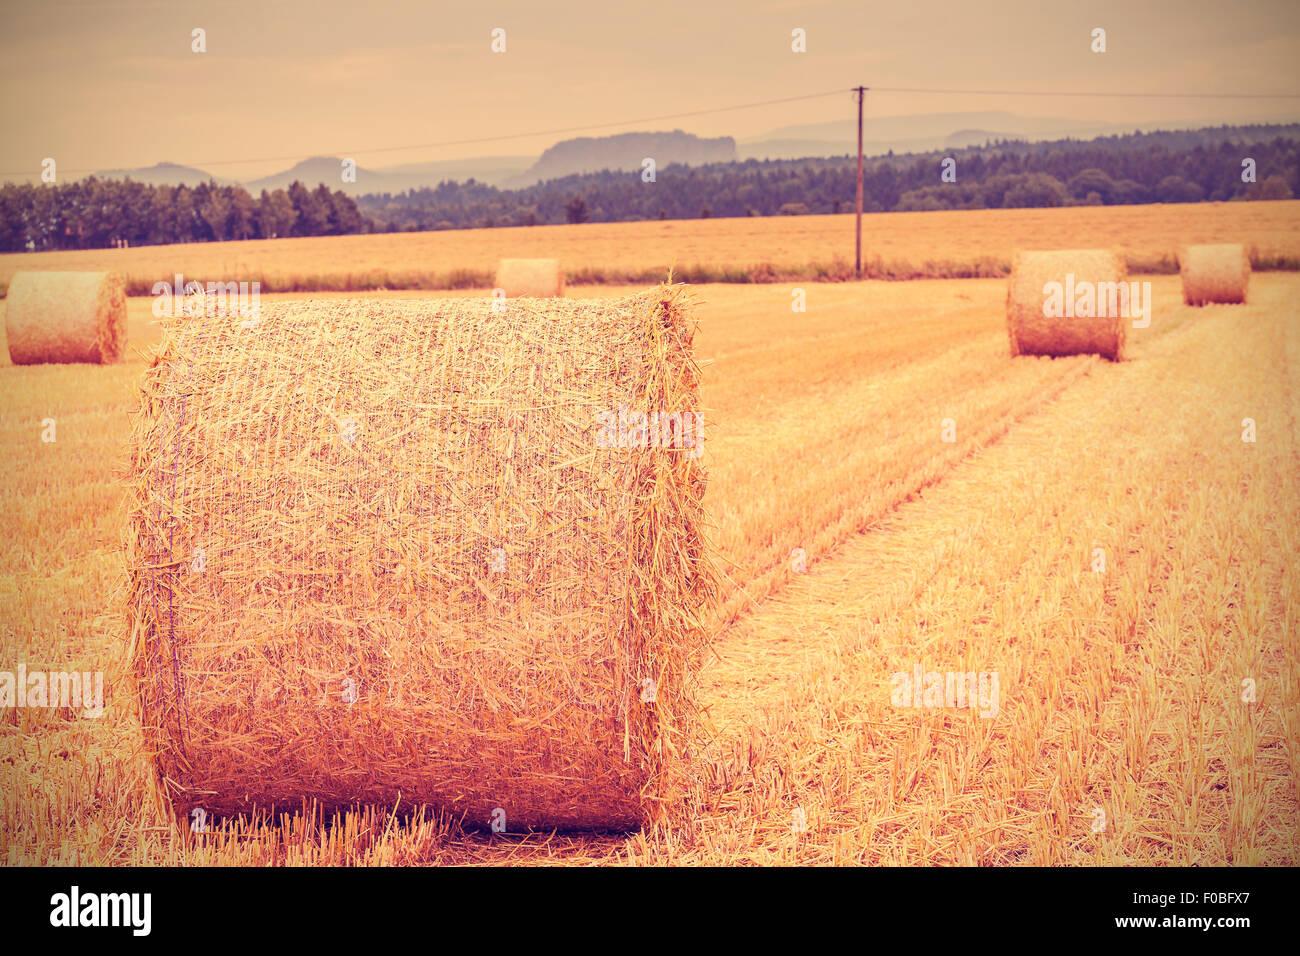 Vintage getönten Heuballen auf abgeernteten Feld, geringe Schärfentiefe. Stockbild